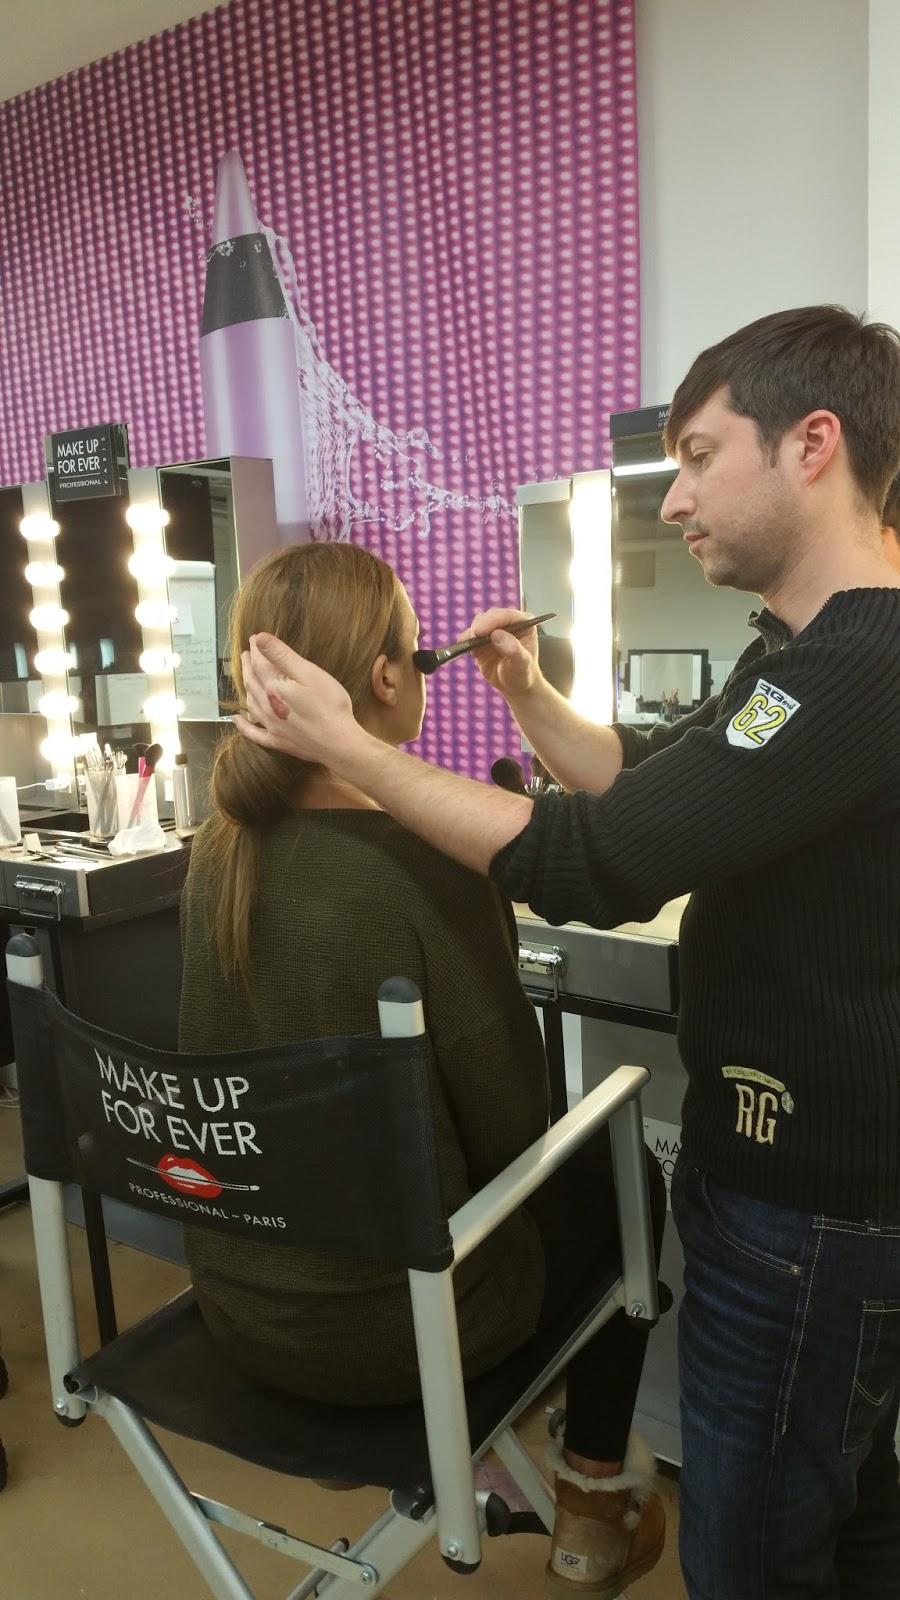 Offre d emploi coiffure paris - Offre d emploi pret a porter paris ...